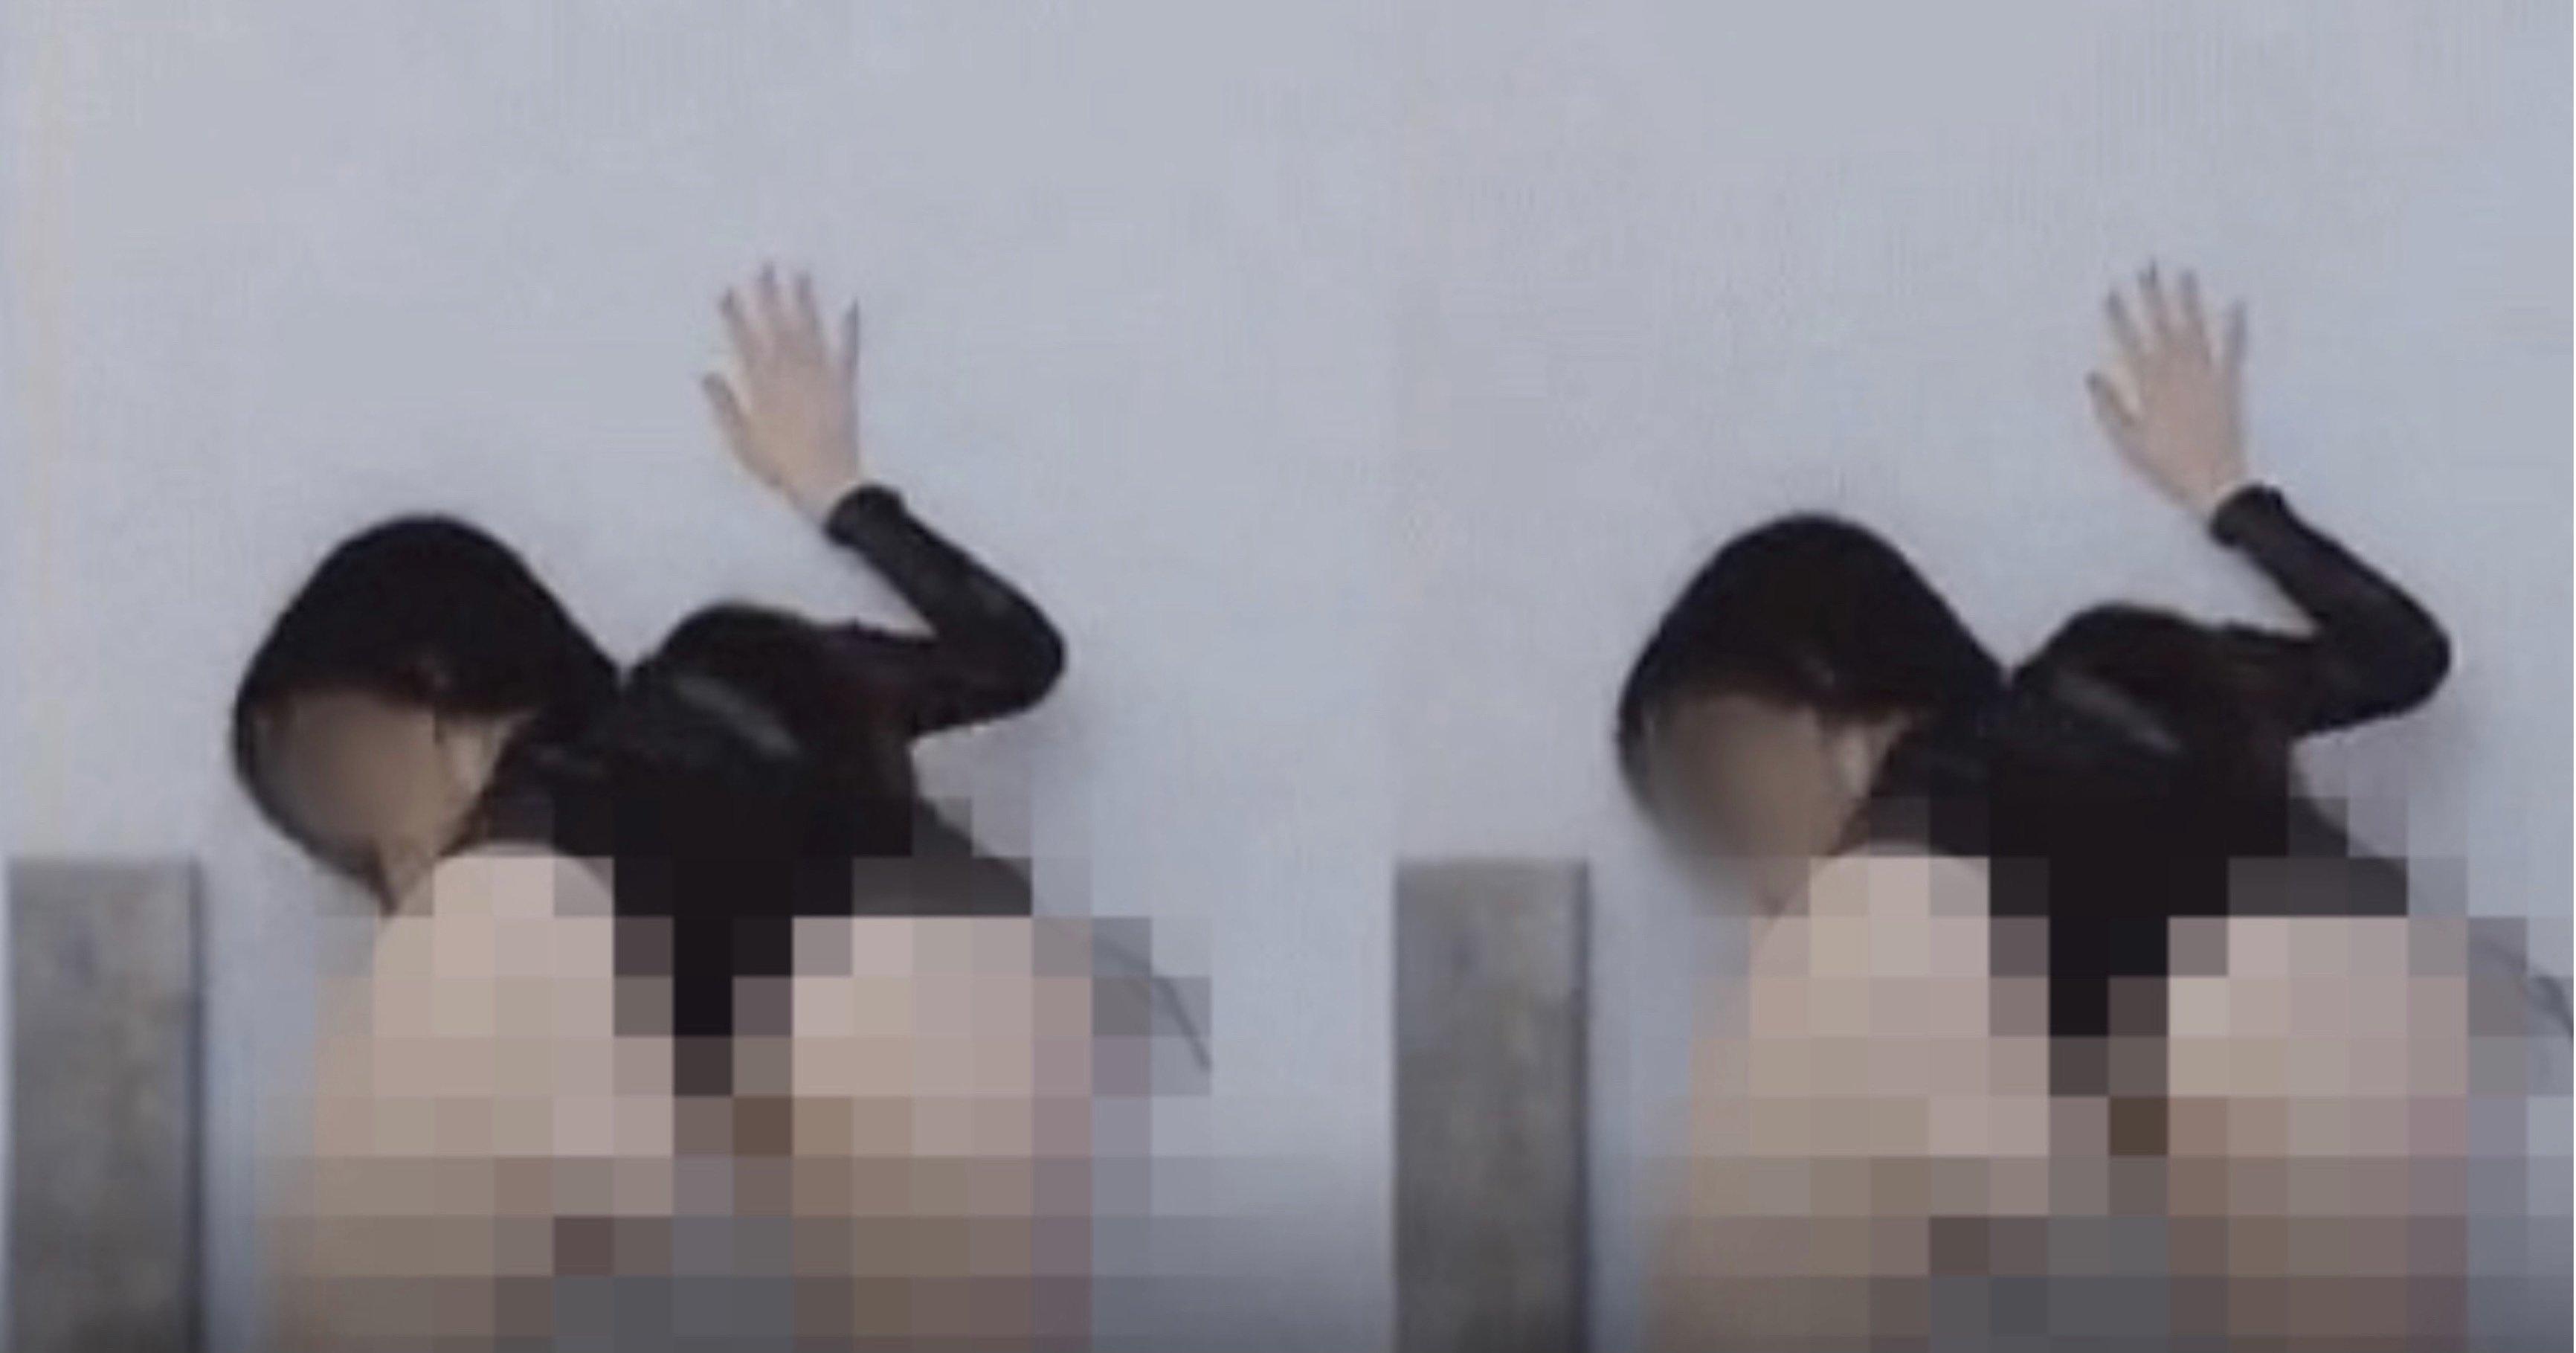 bbc983cb a74f 4737 bc98 a355f04f712d.jpg?resize=412,275 - 「ヤ、ヤバいっ…」ダンスの途中突然股に手を伸ばした女性BJの衝撃「ドエロ」パフォーマンス!(写真あり)